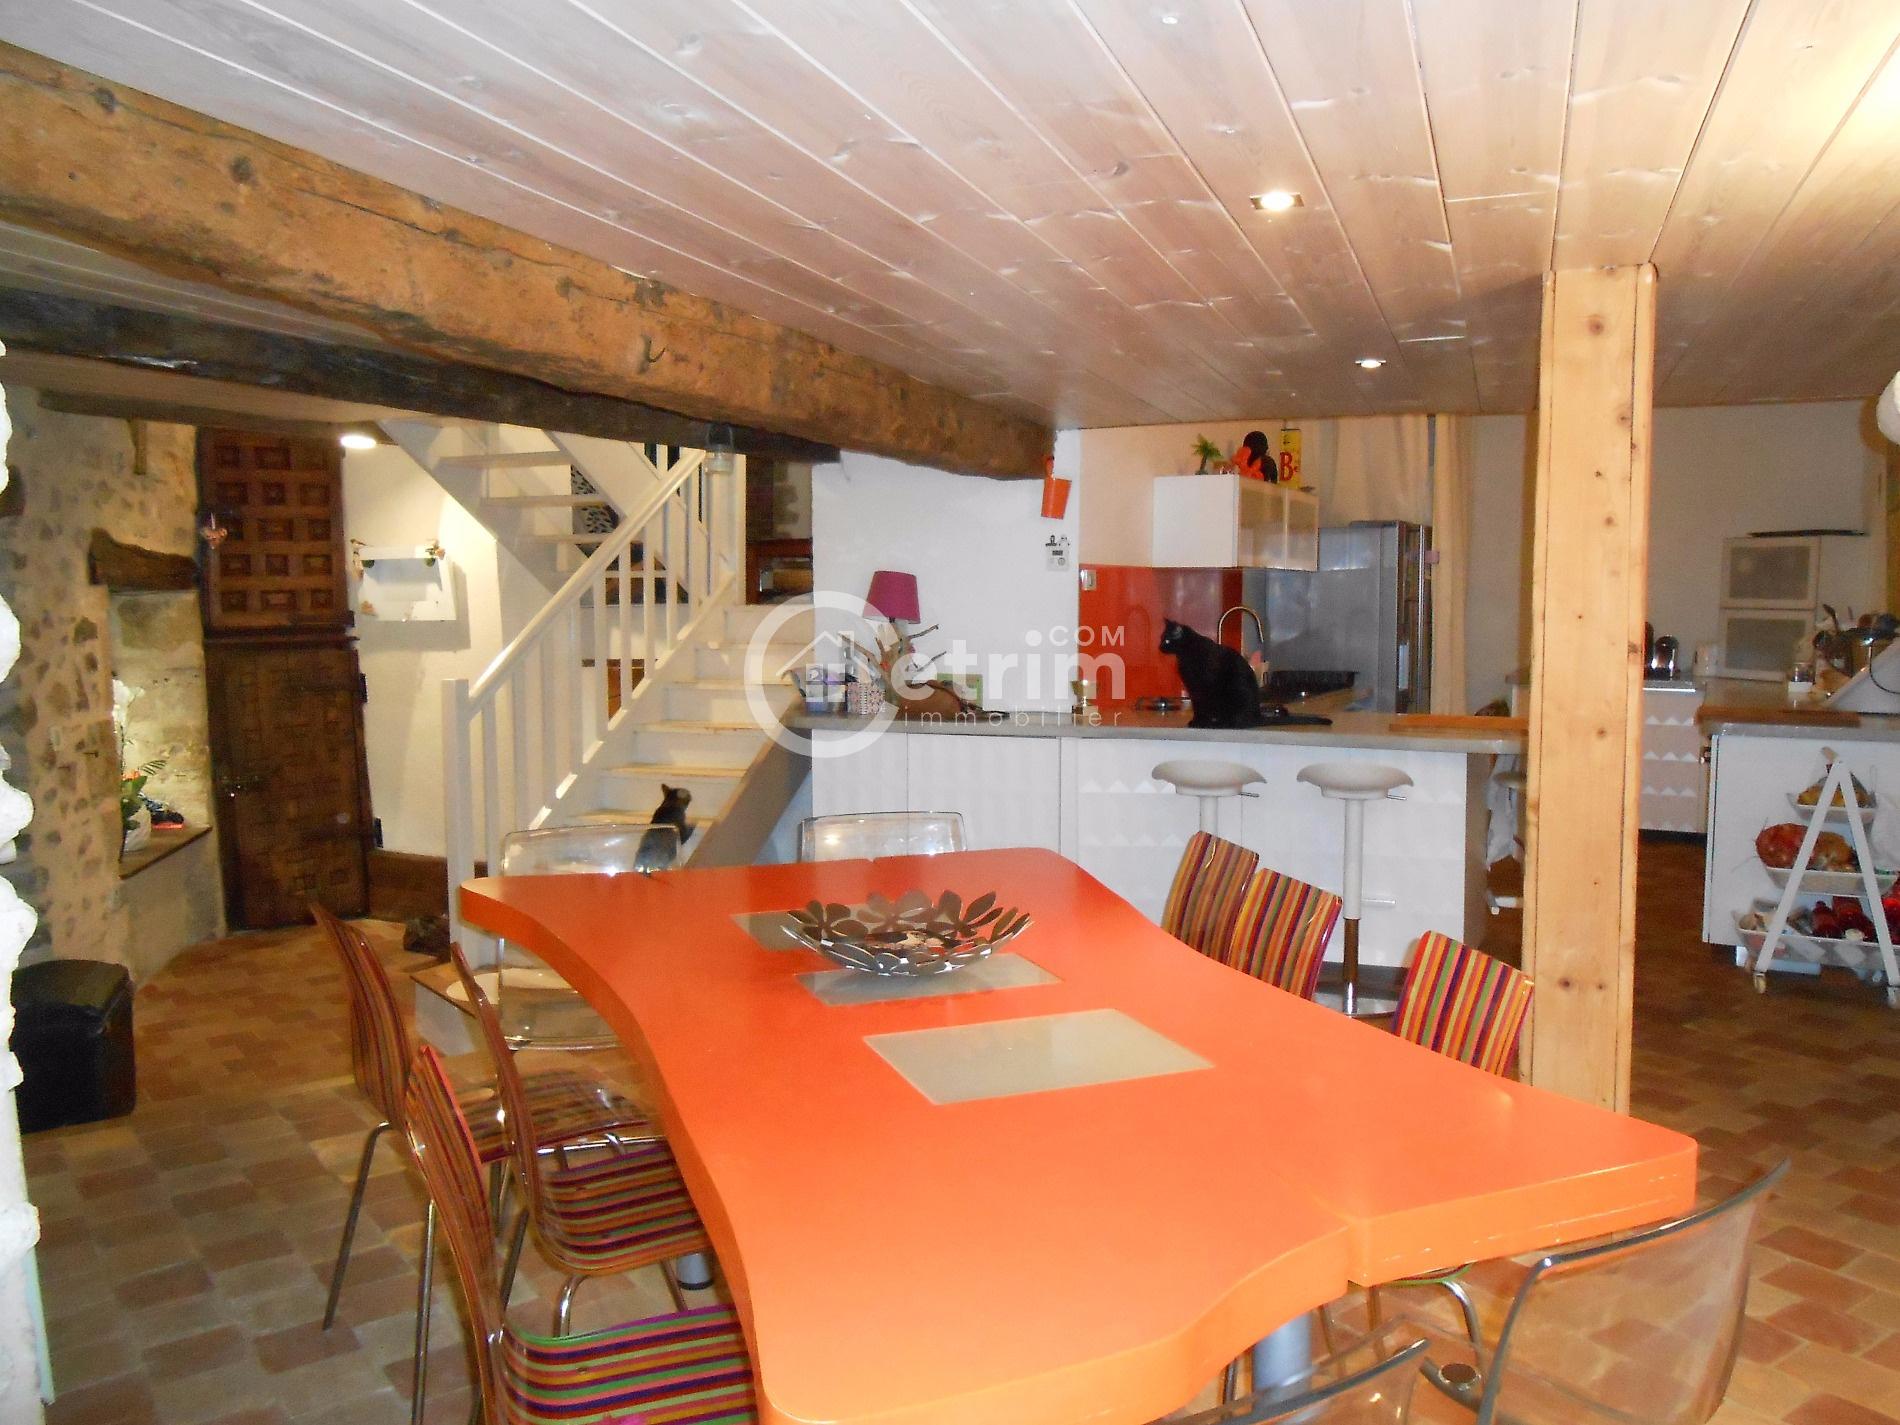 vente maison billom 63160 sur le partenaire. Black Bedroom Furniture Sets. Home Design Ideas